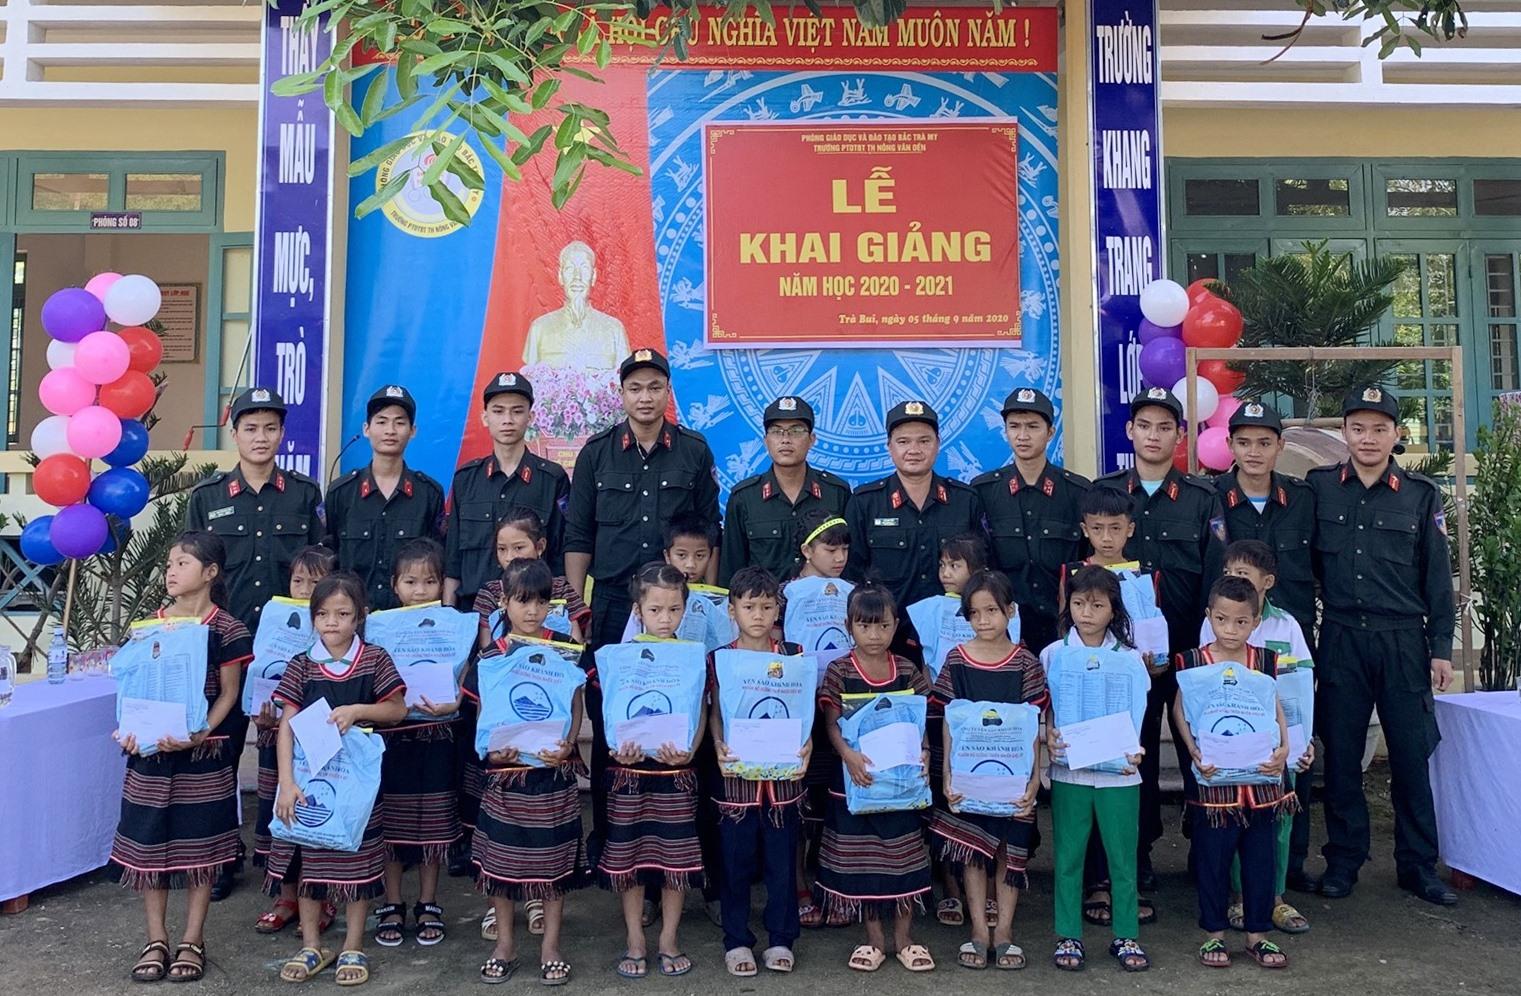 """Nhiều suất quà được trao tặng trong hoạt động """"Cùng em đến trường"""" ở xã Trà Bui, Bắc Trà My. Ảnh: Đ.V"""